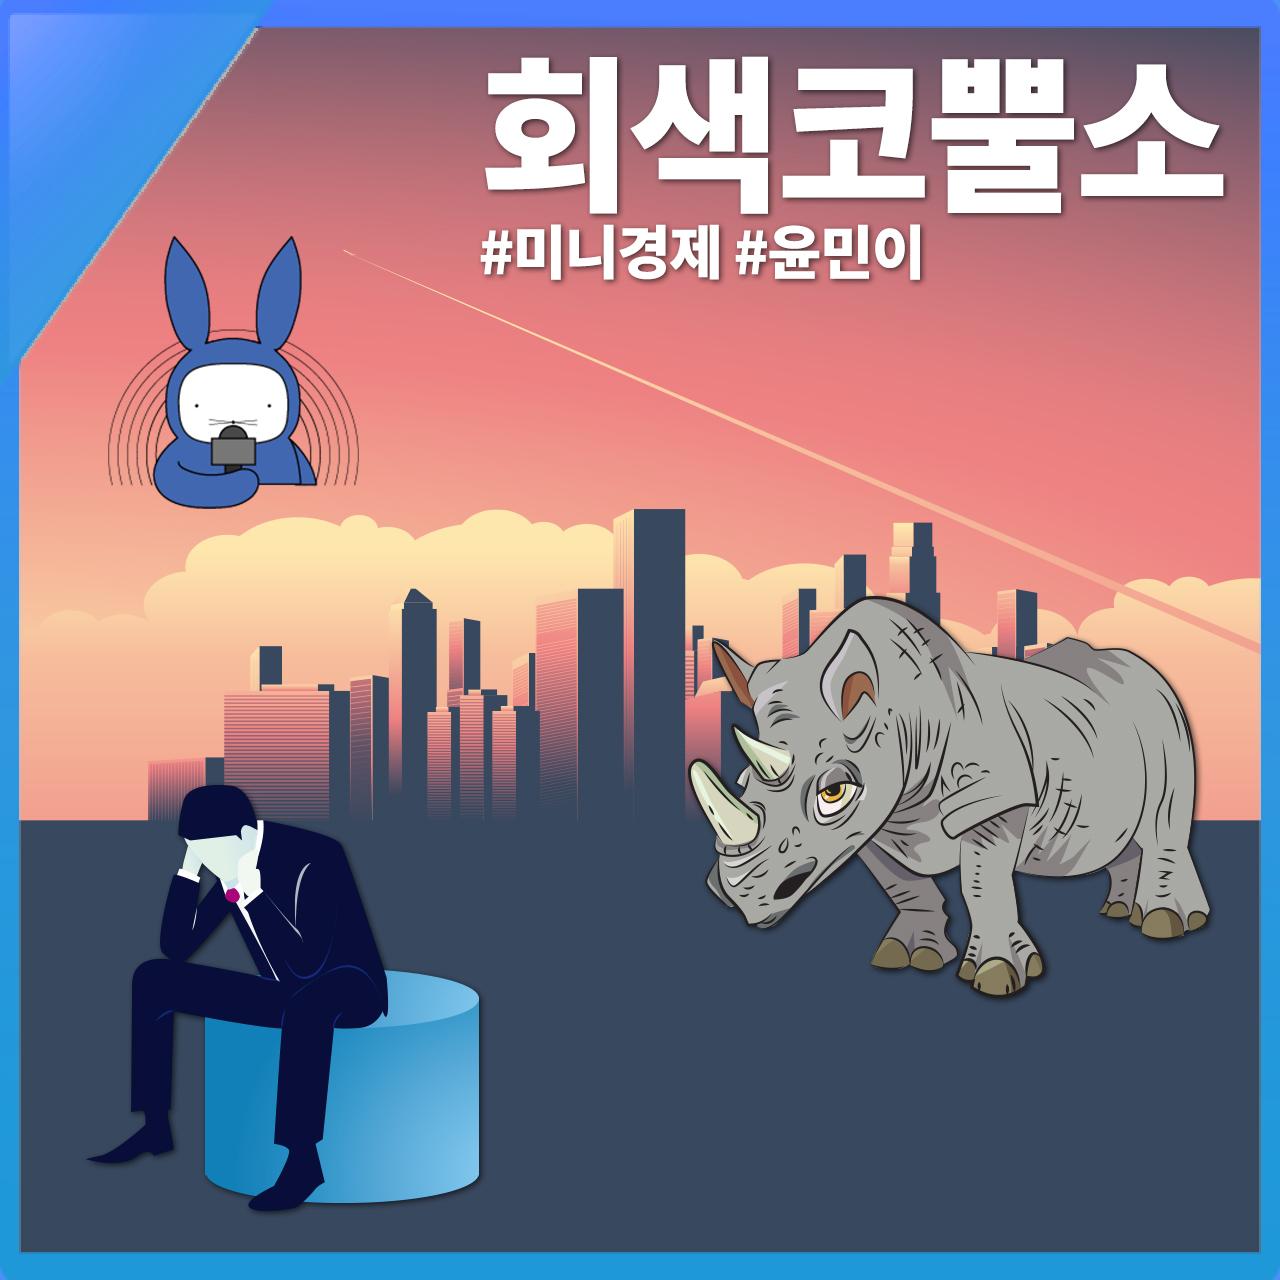 [오디오래빗] 경제 위기, 알면서 왜 가만히 있어? #회색코뿔소